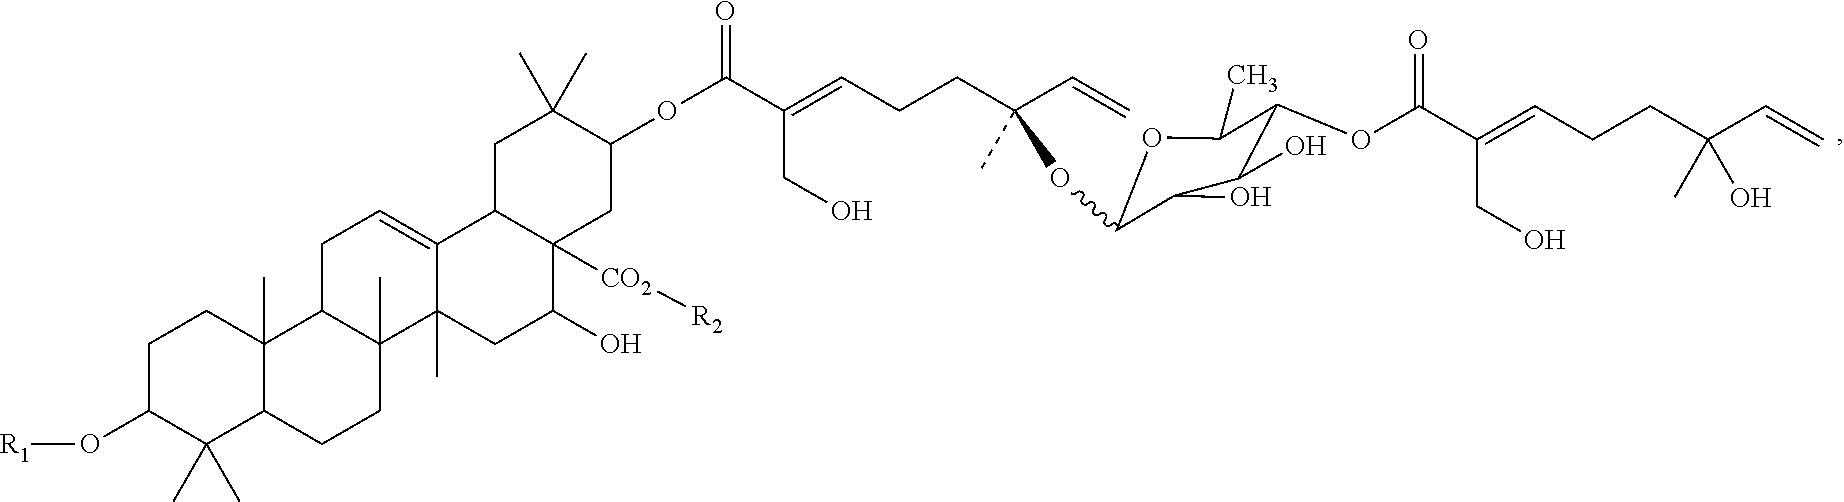 Figure US08324177-20121204-C00003